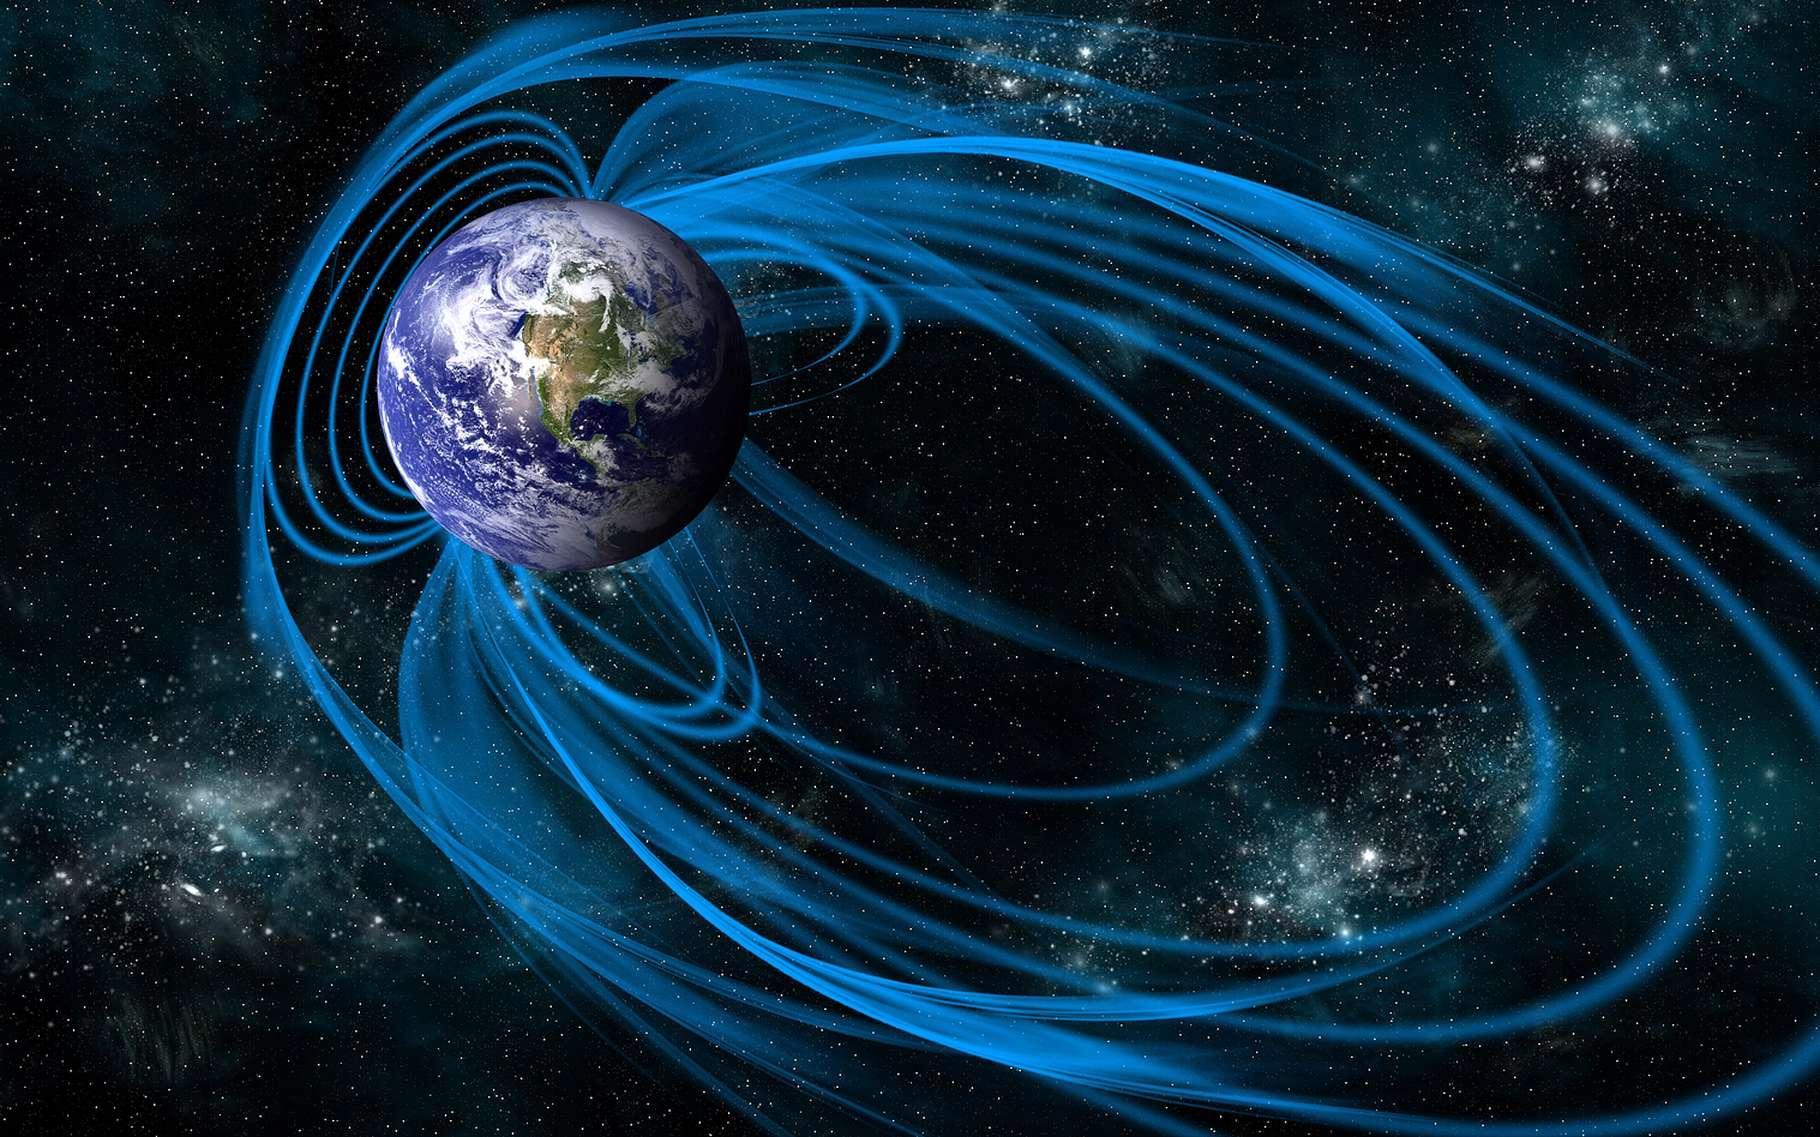 Au Précambrien, notre planète aurait bien pu avoir plus de deux pôles magnétiques. Ici, une représentation du champ magnétique terrestre actuel. © Marc Ward, Shutterstock